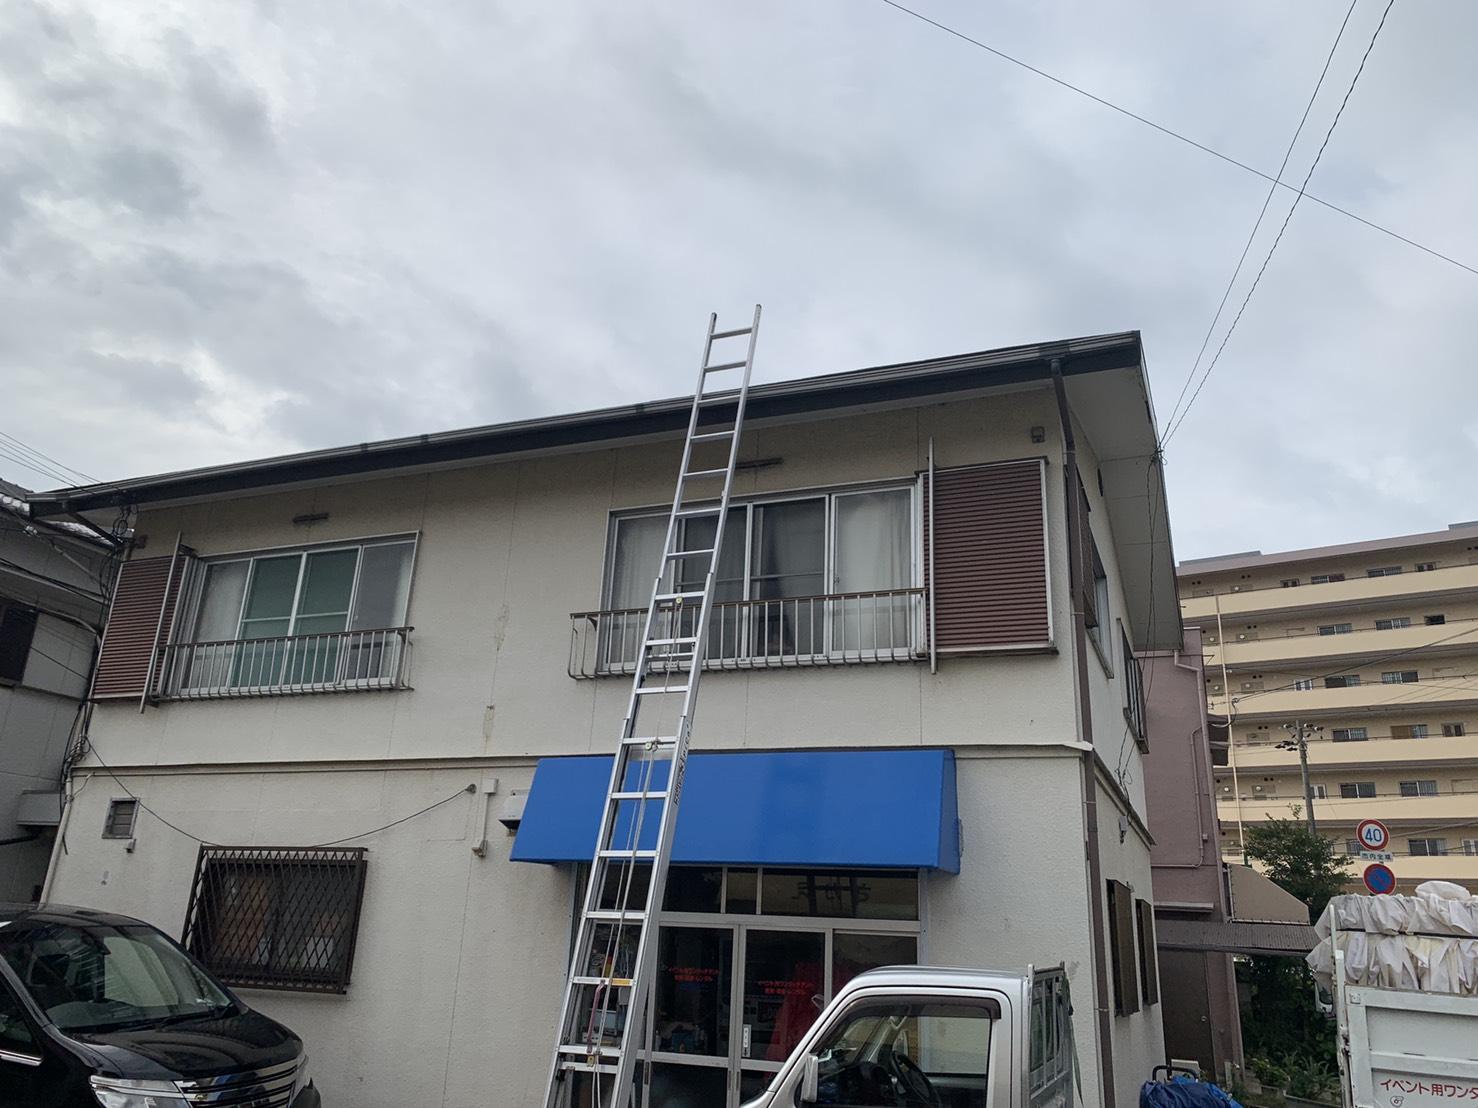 加古川市でスレート屋根からの雨漏りを調査するために梯子を屋根にかけている様子